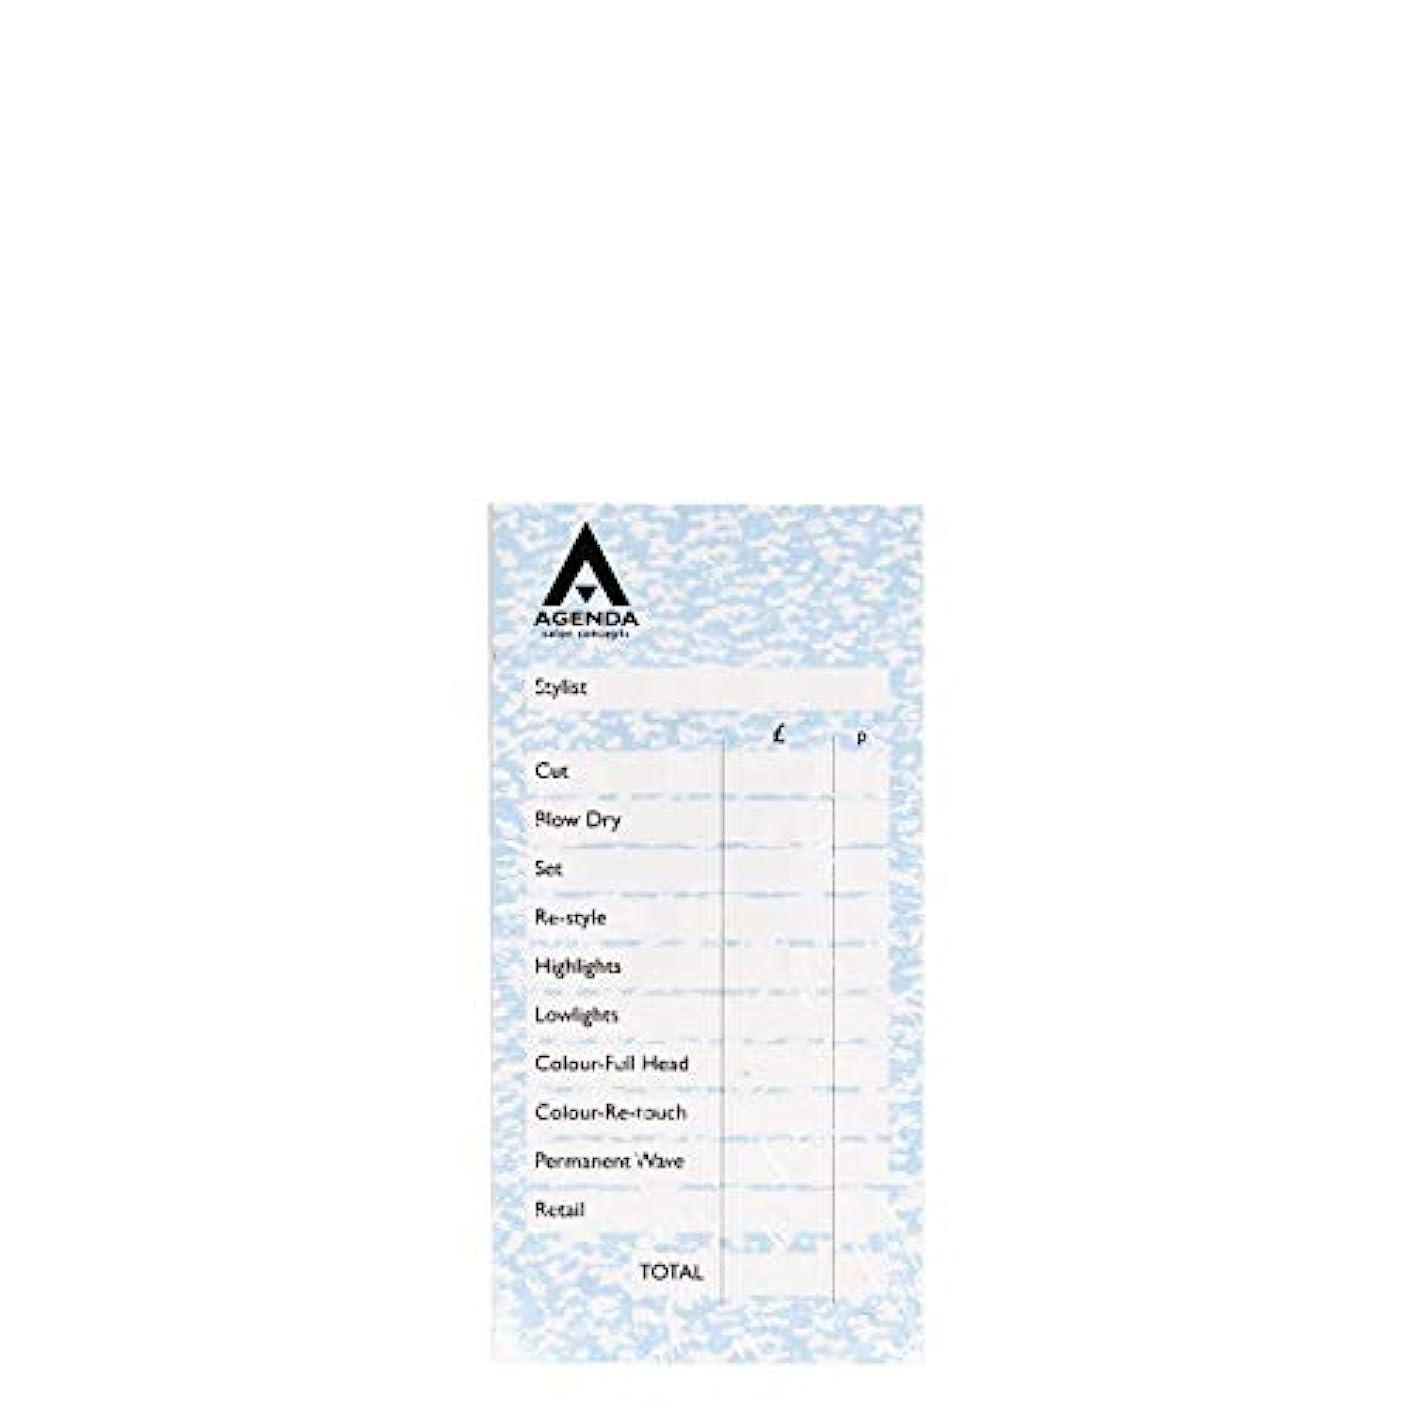 メディア目覚めるスリッパアジェンダ サロンコンセプト チェックパッドブルー6x100リーフ[海外直送品] [並行輸入品]